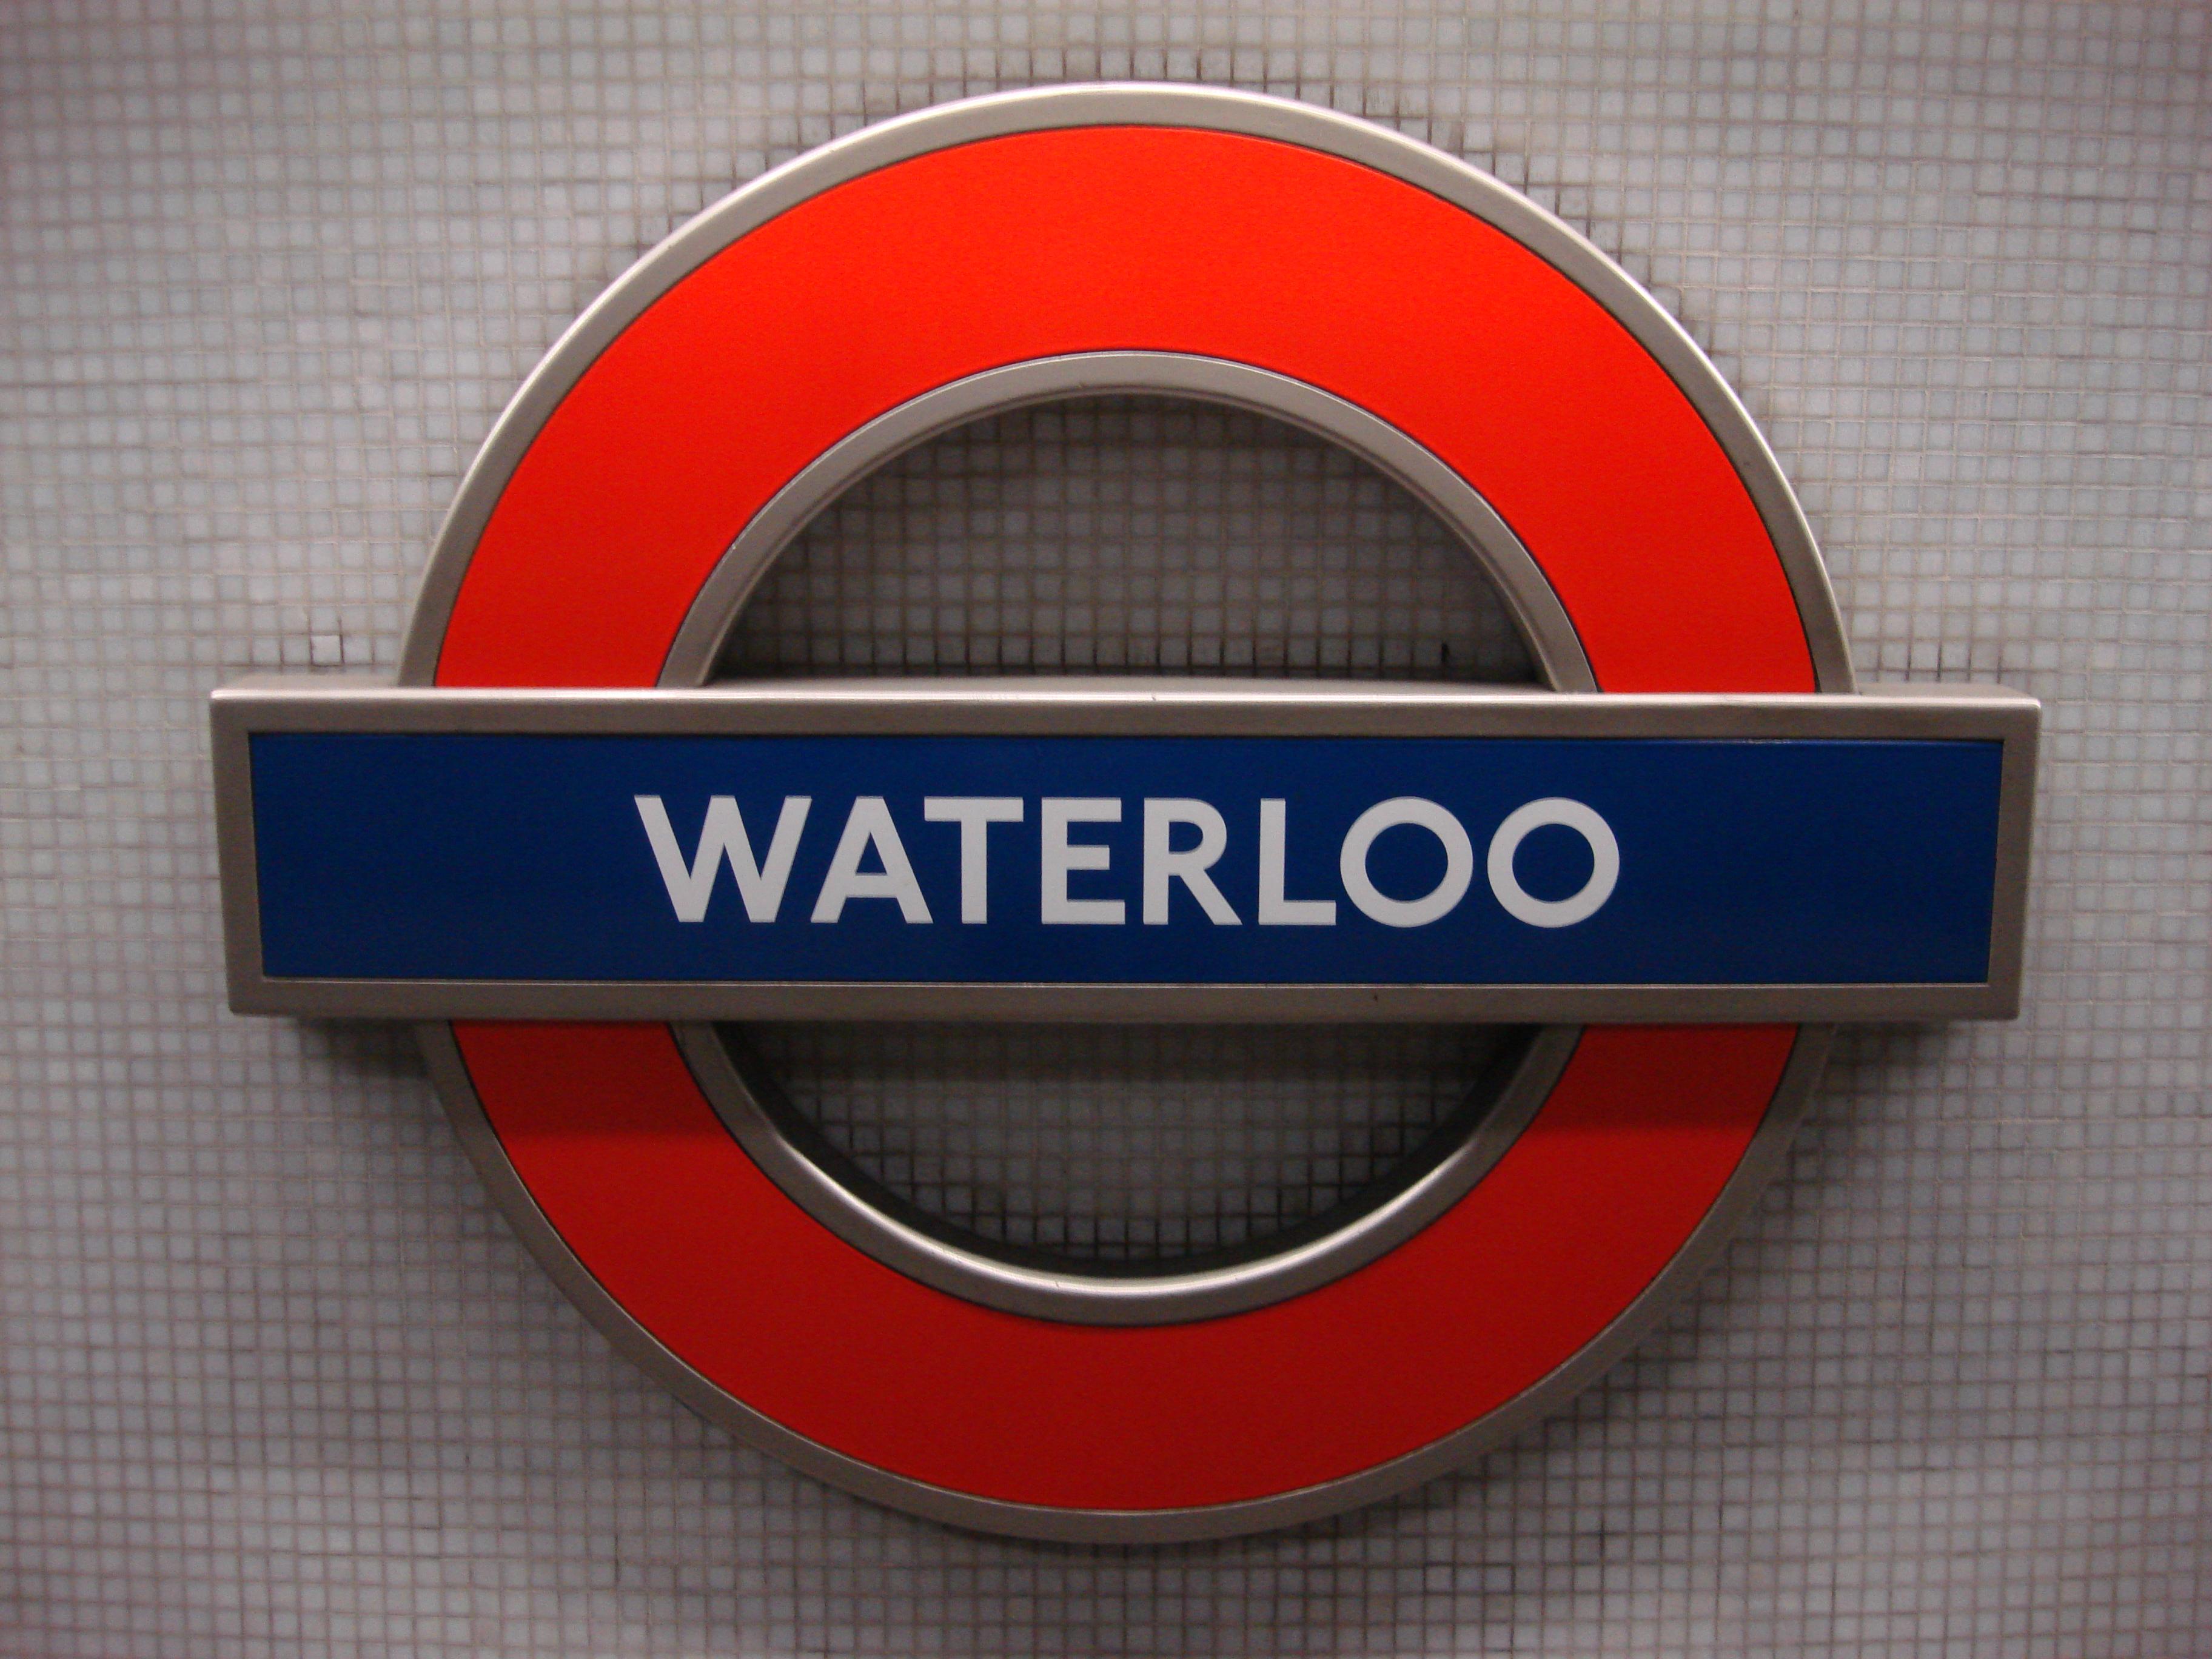 Filewaterloo Tube Station Roundelg Wikimedia Commons